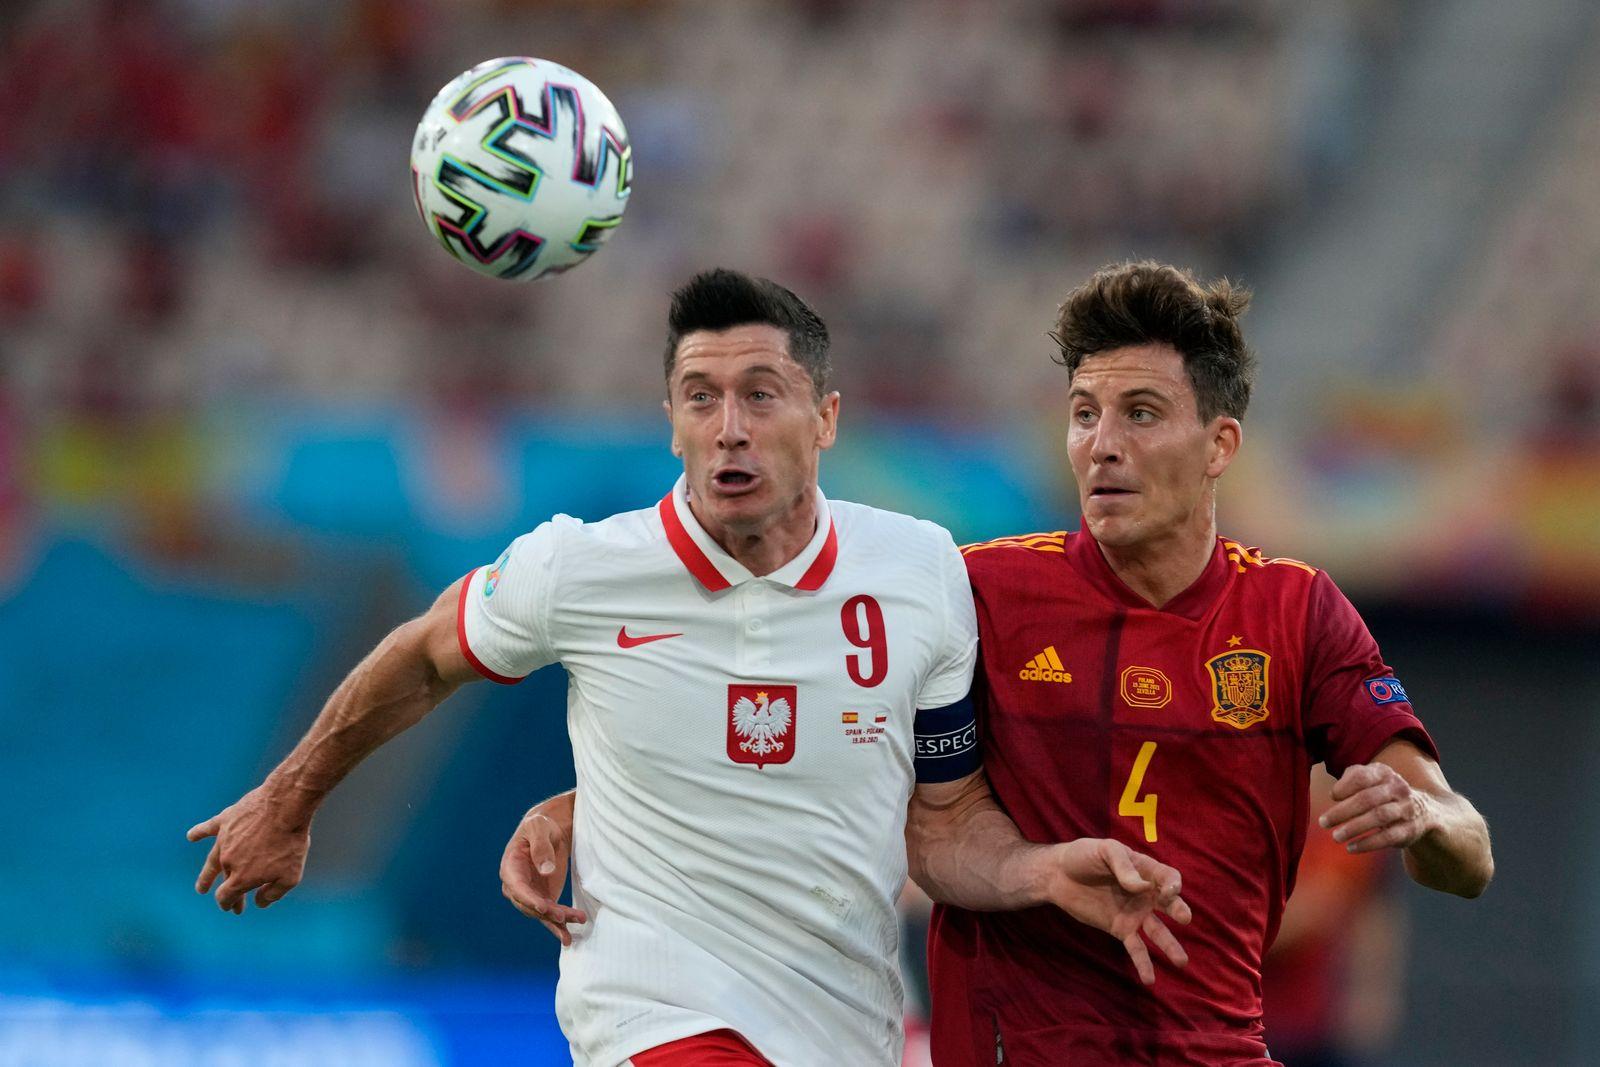 Fußball EM - Spanien - Polen